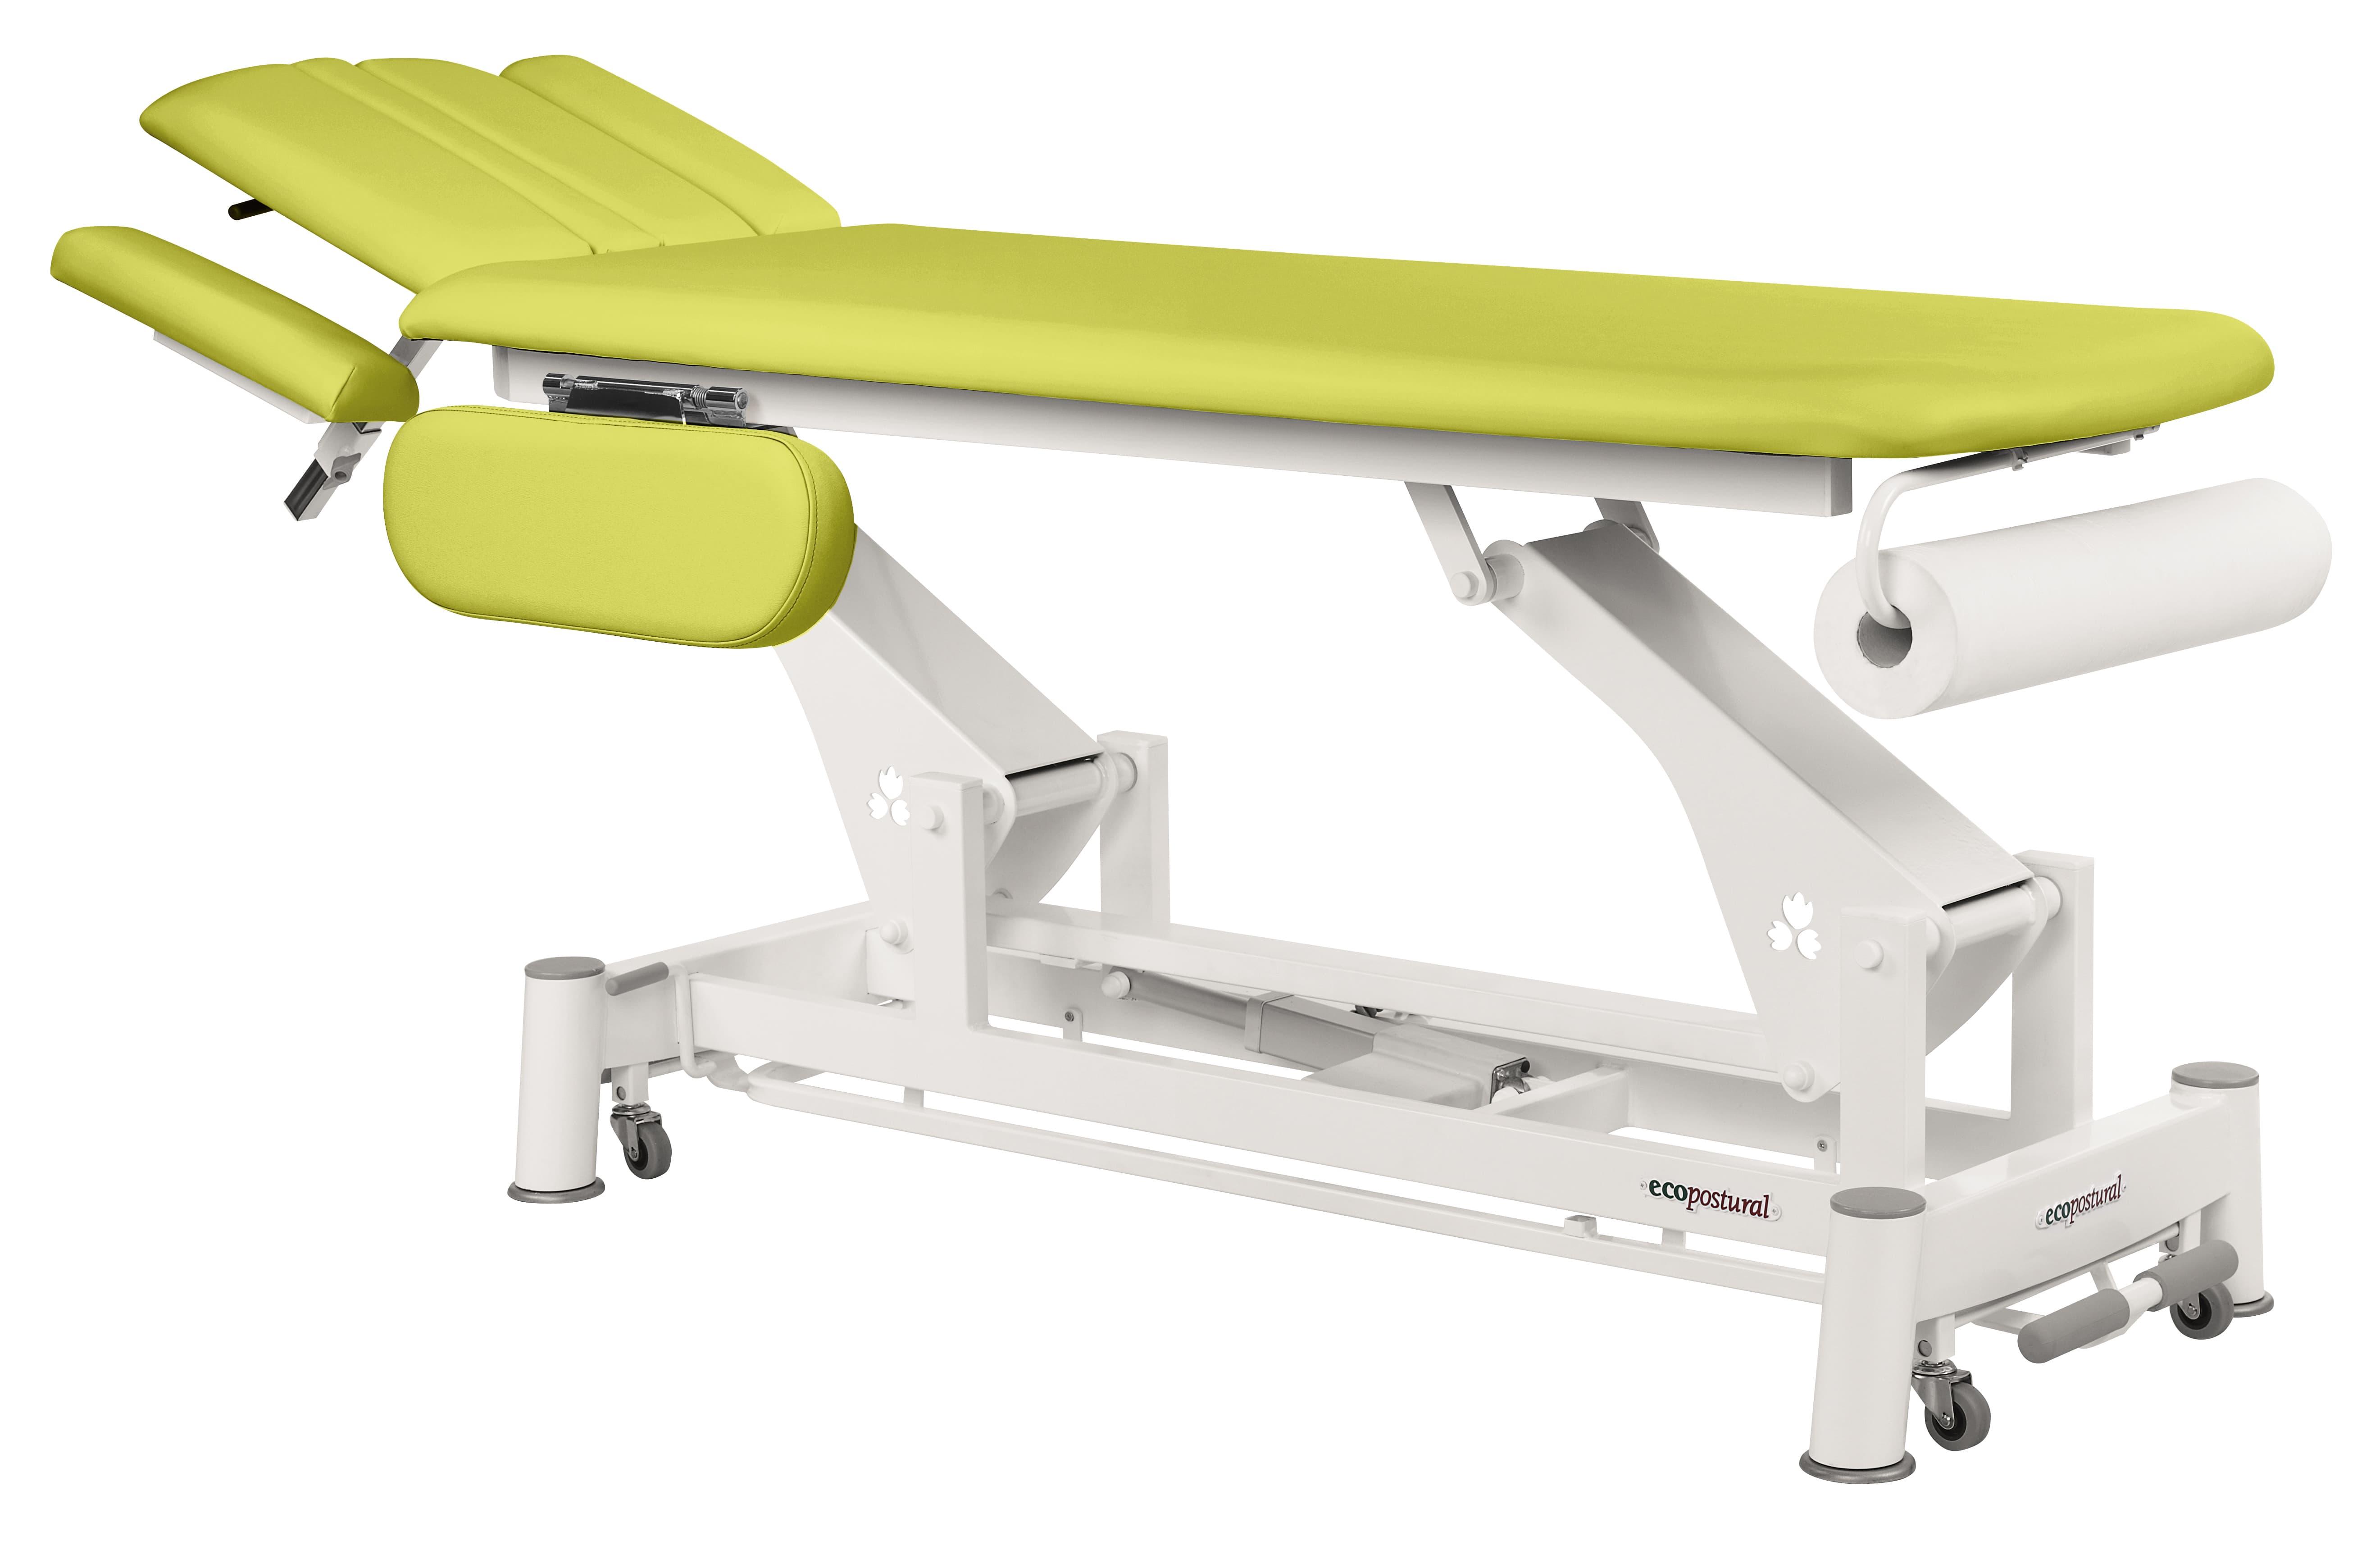 Lettino massaggio elettrico per osteopatia ecopostural a